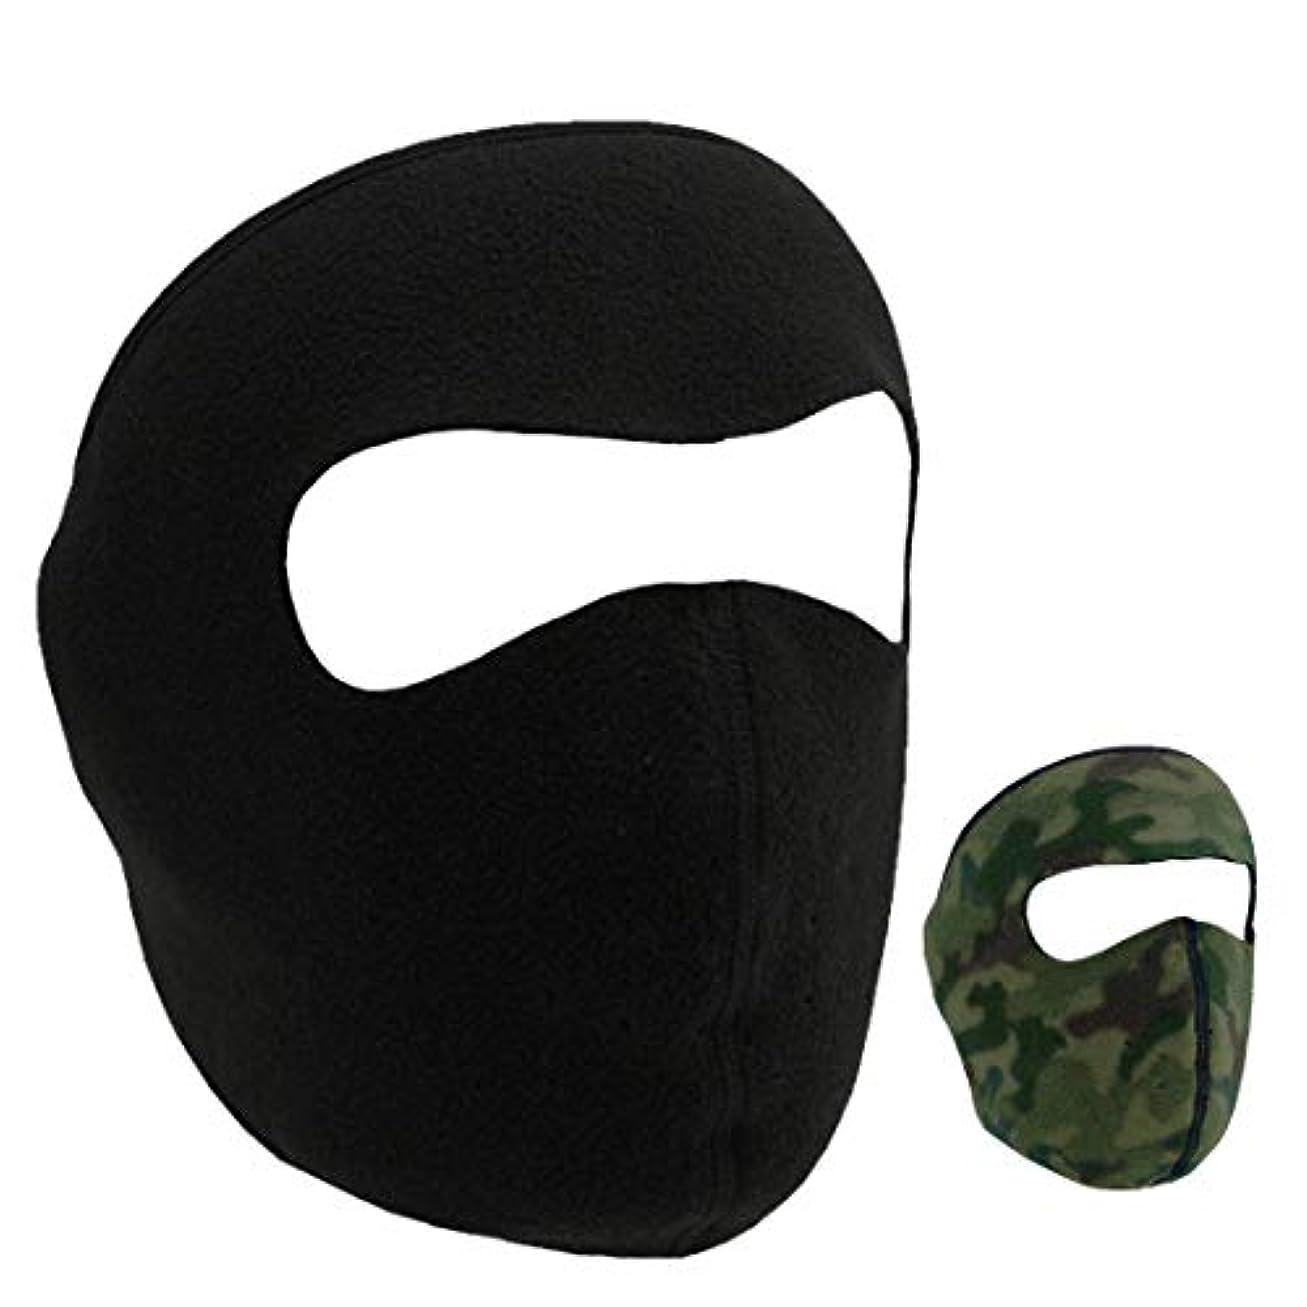 ホイストバイオリニストいっぱいAirzir プレミアム3D通気性シームレスチューブフェイスマスク 防塵UV保護 Universal ブラック AIR-FM-PP